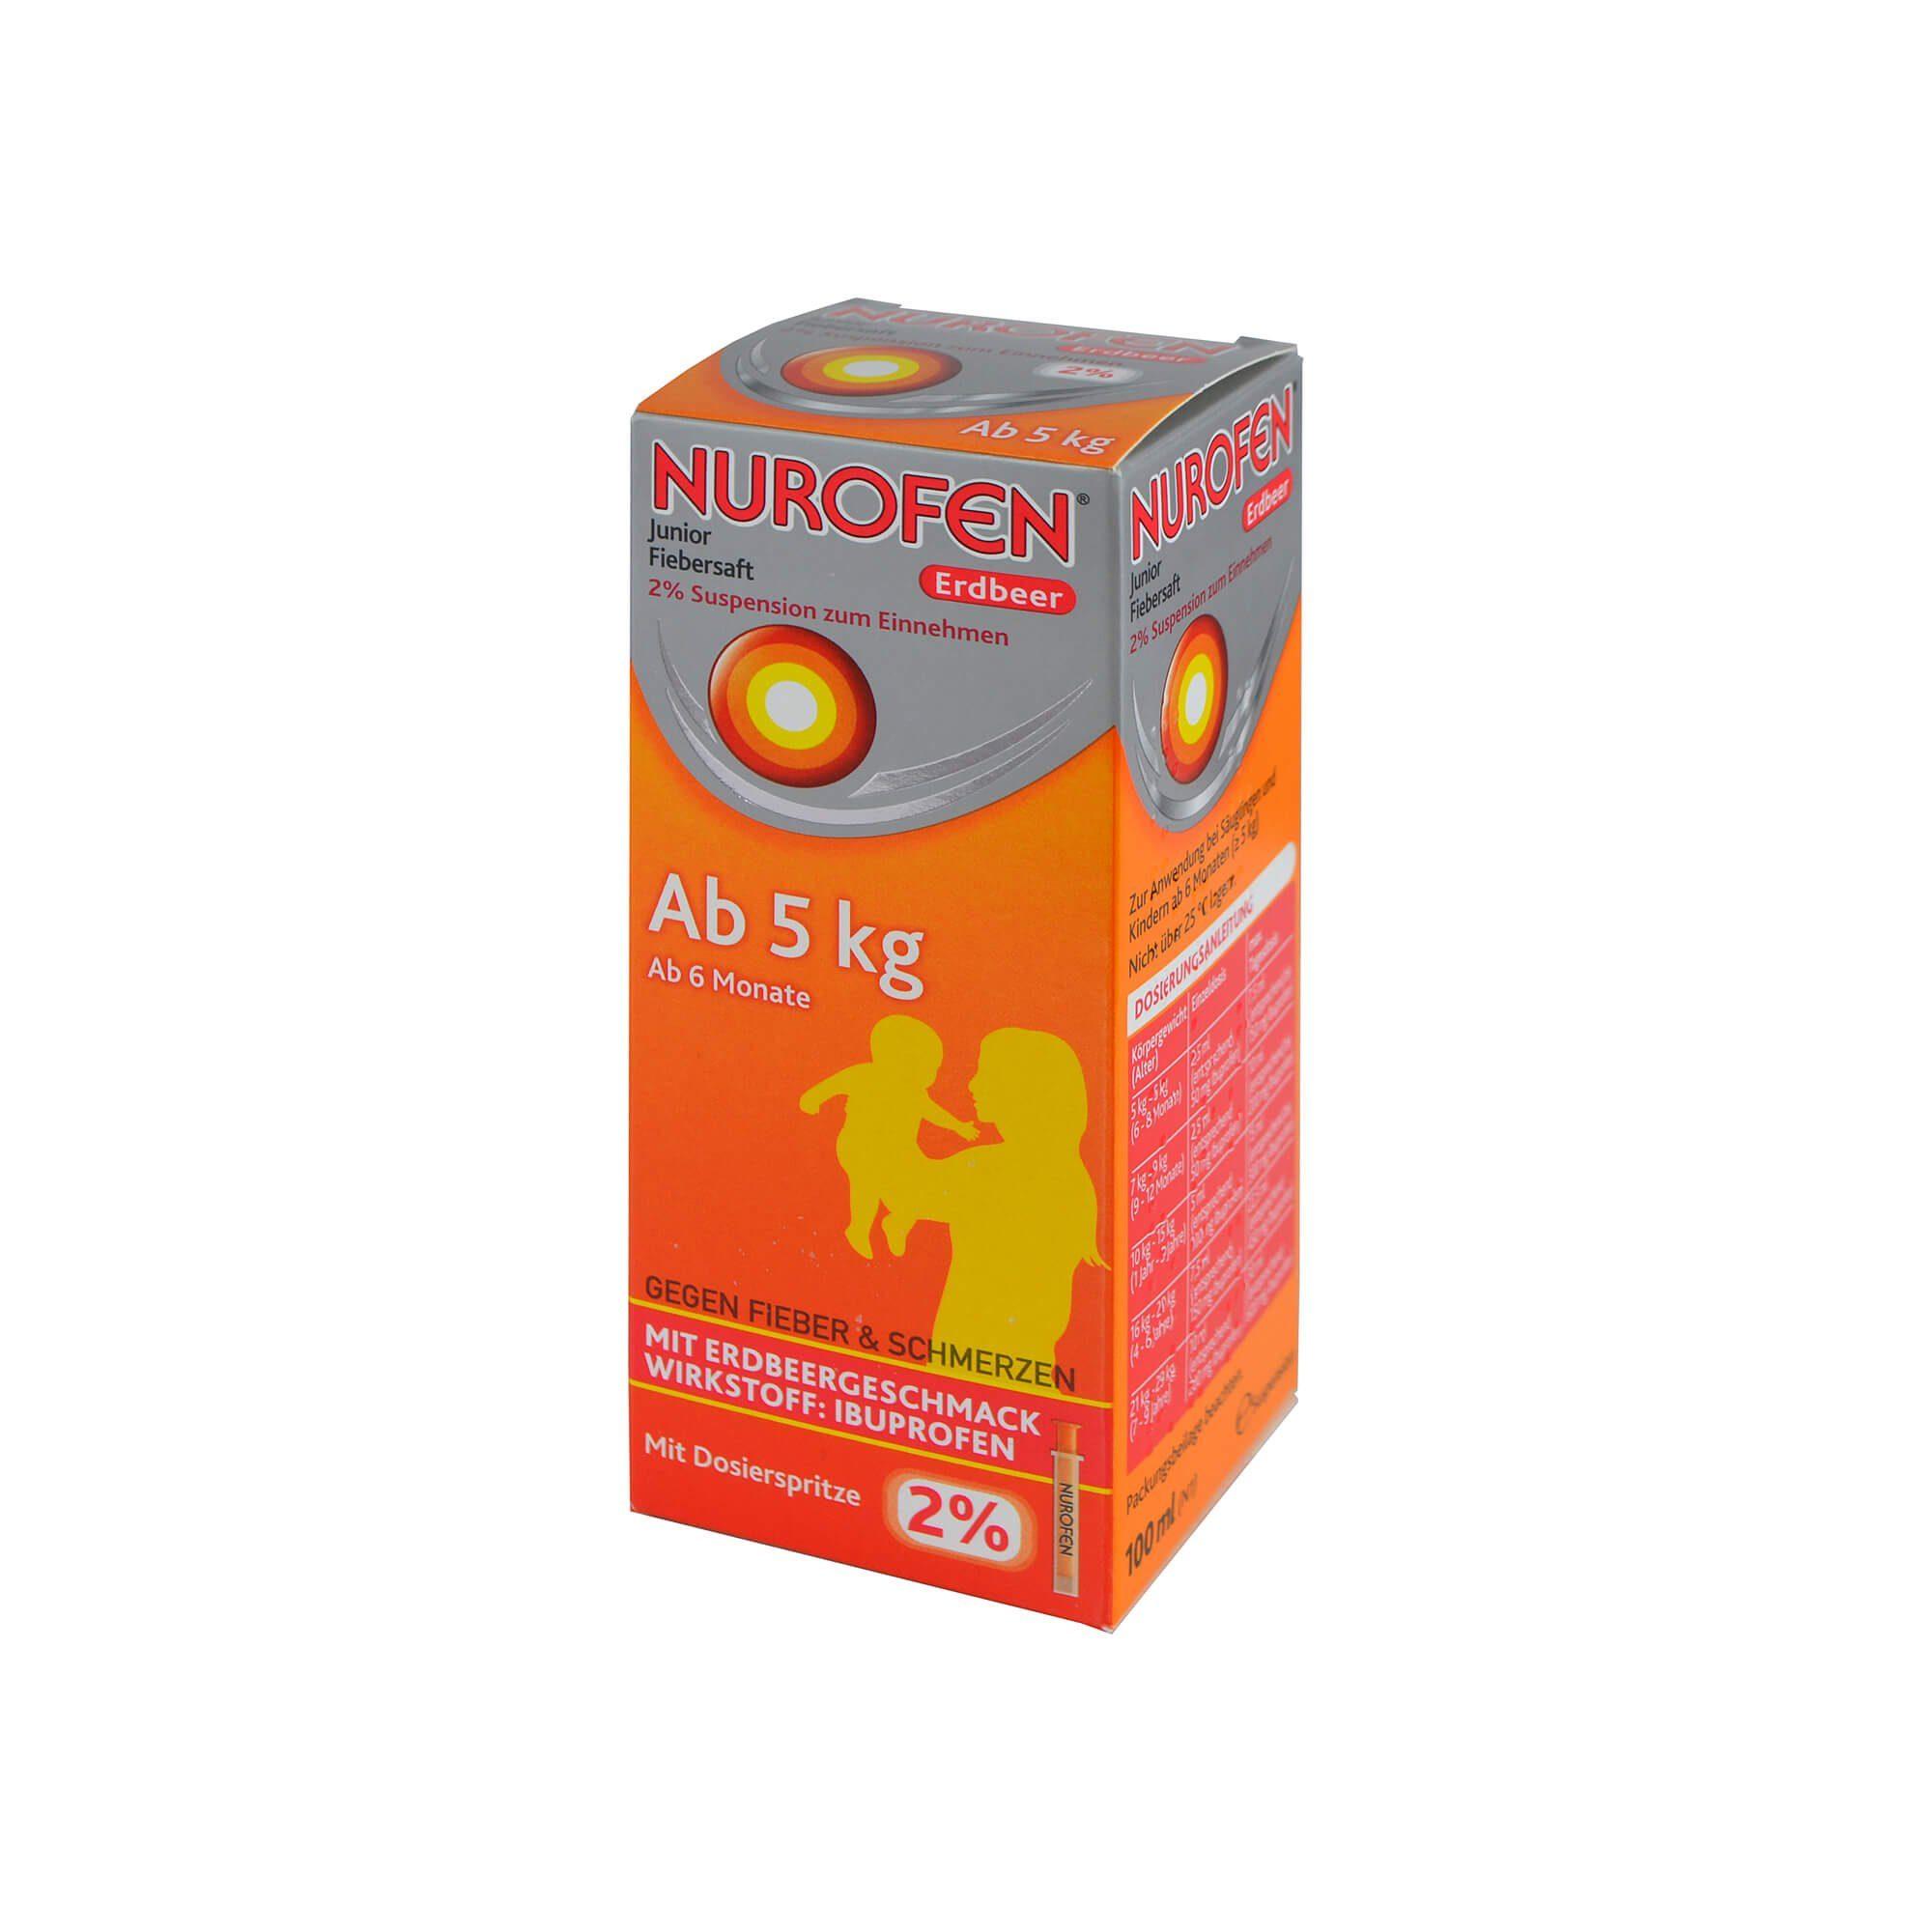 Nurofen Junior Fiebersaft Erdbeer 2% , 100 ml